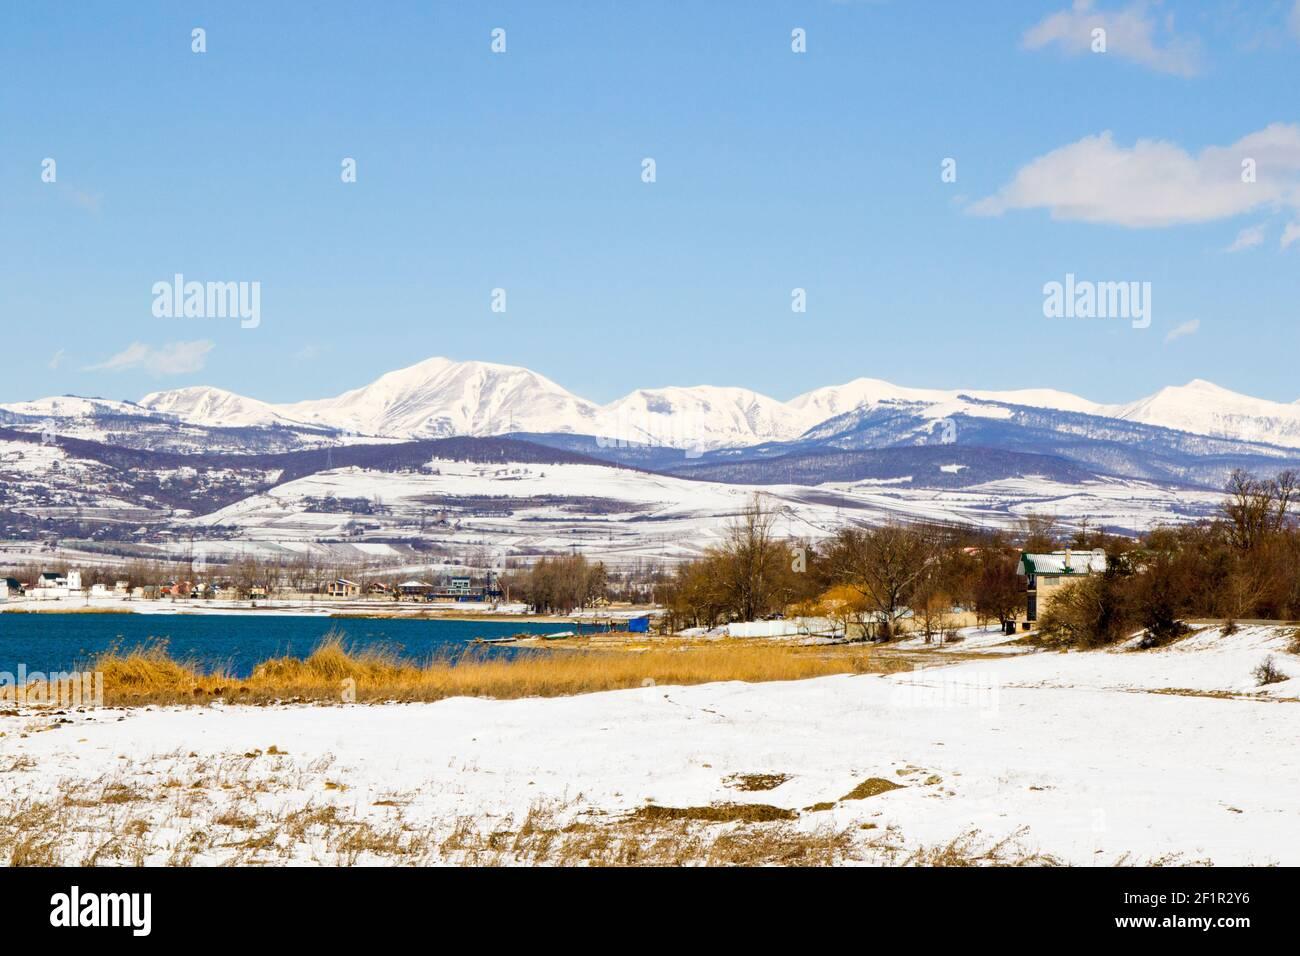 Paisaje y vista invernal, luz del sol y nieve en Georgia, paisaje de montaña Foto de stock